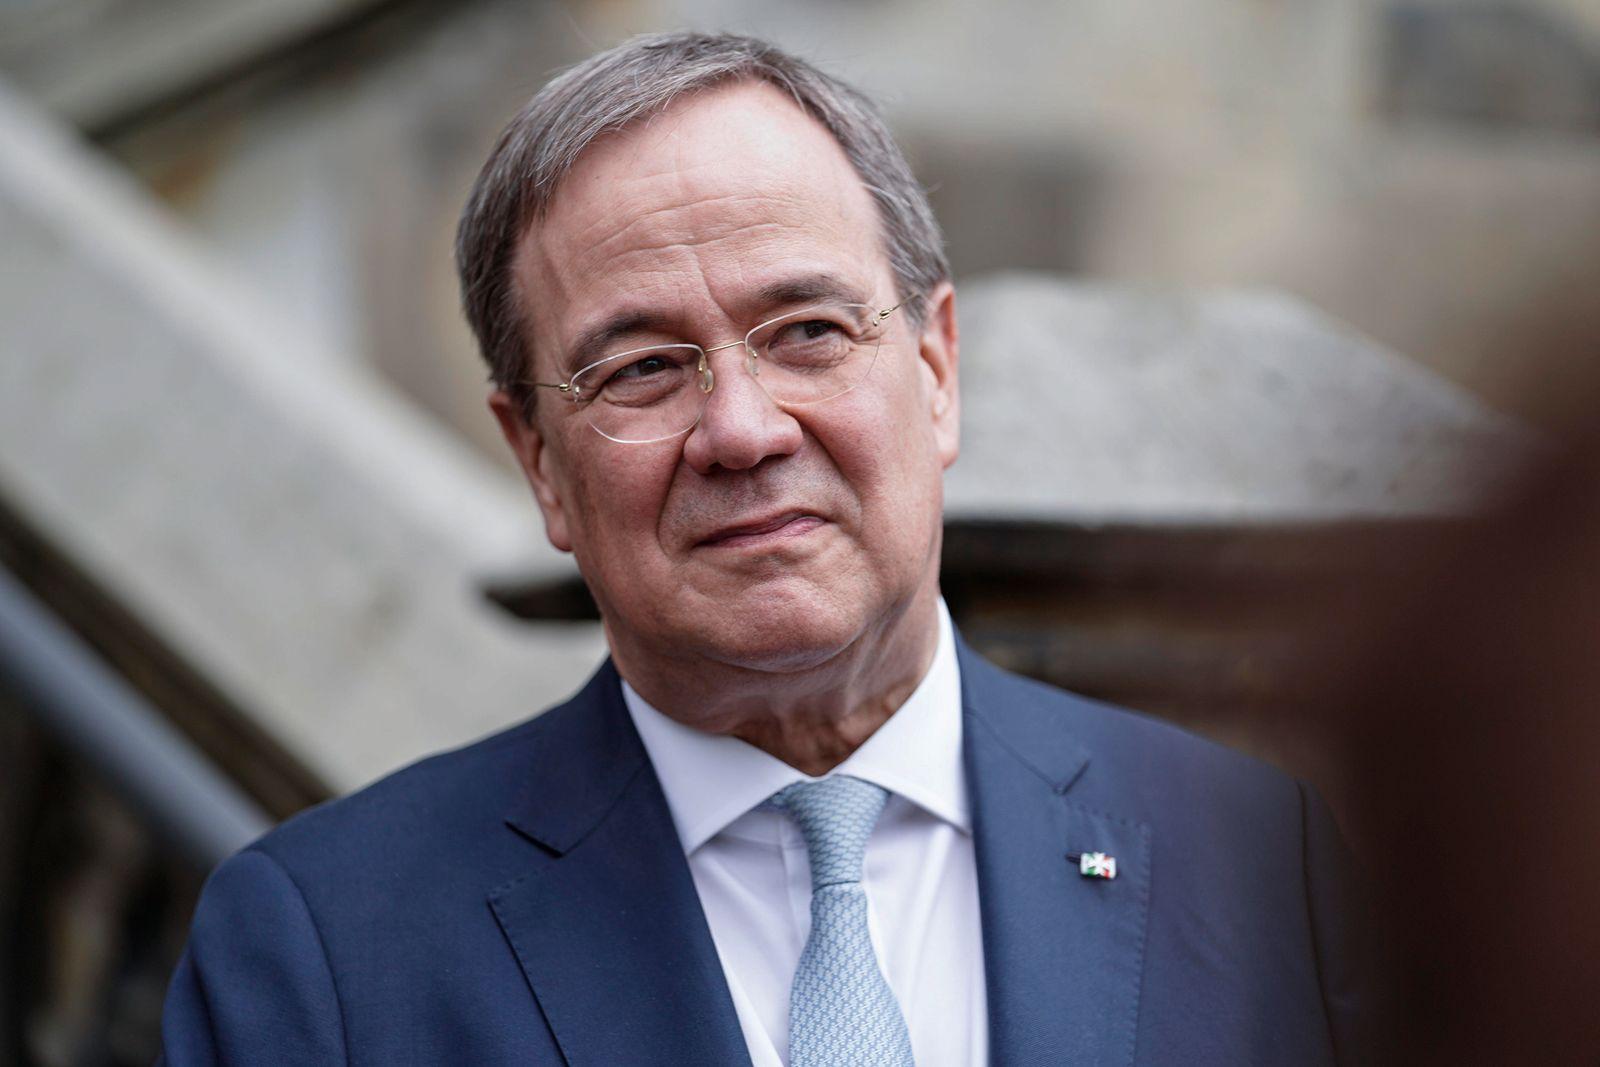 NRW und franzoesische Region Hauts-de-France erneuern Gemeinsame Erklaerung ueber partnerschaftliche Zusammenarbeit